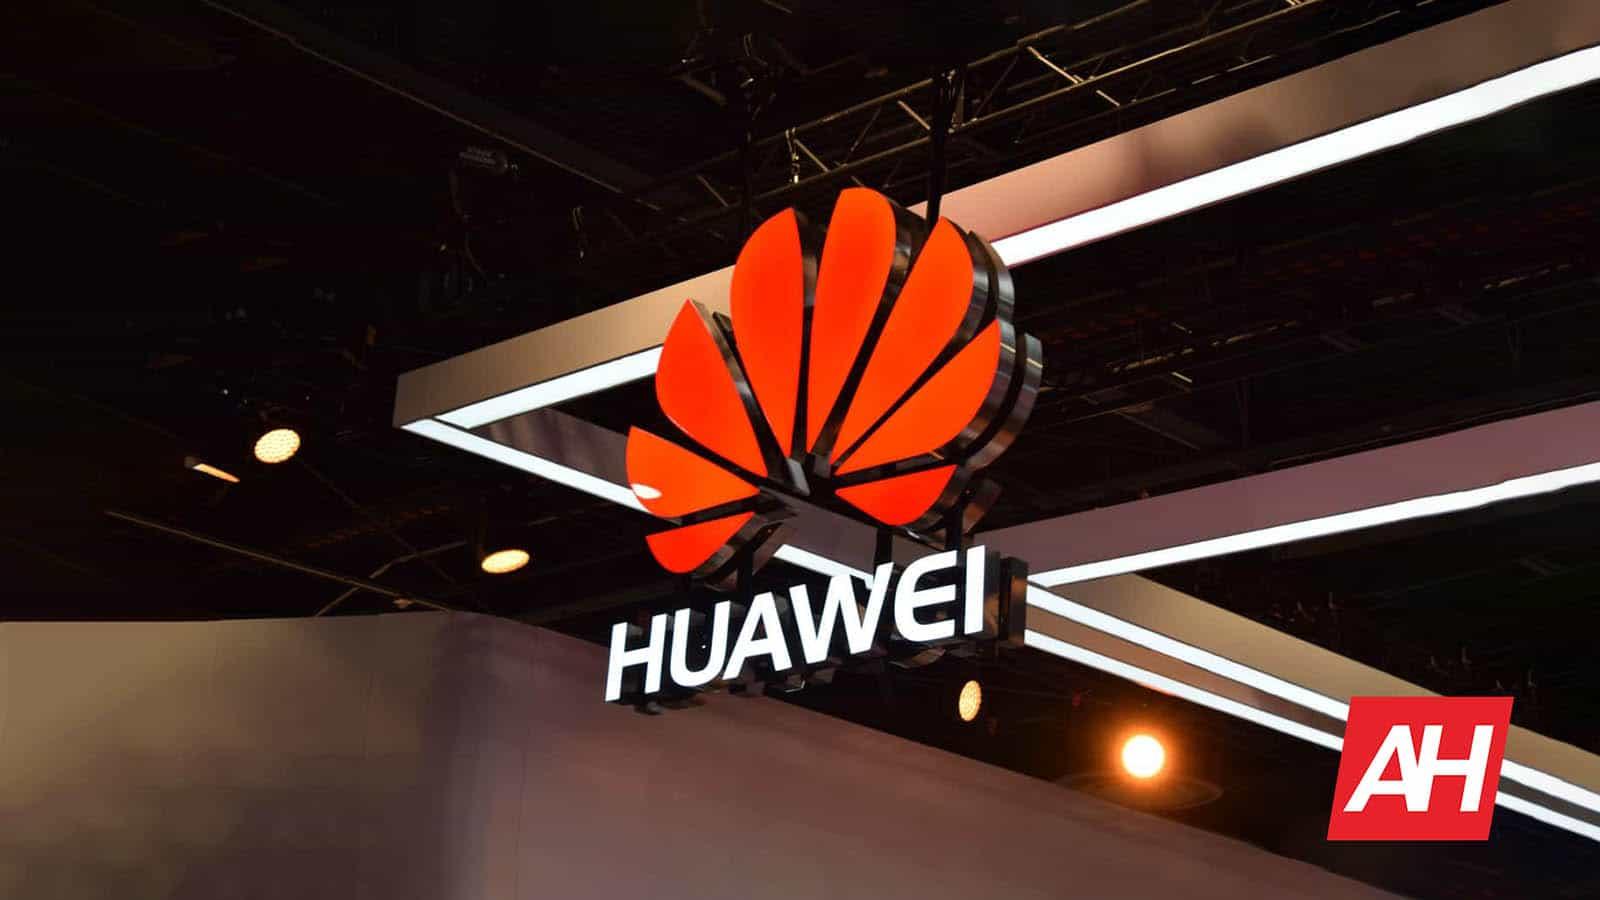 Huawei logo 2018 AM AH 3